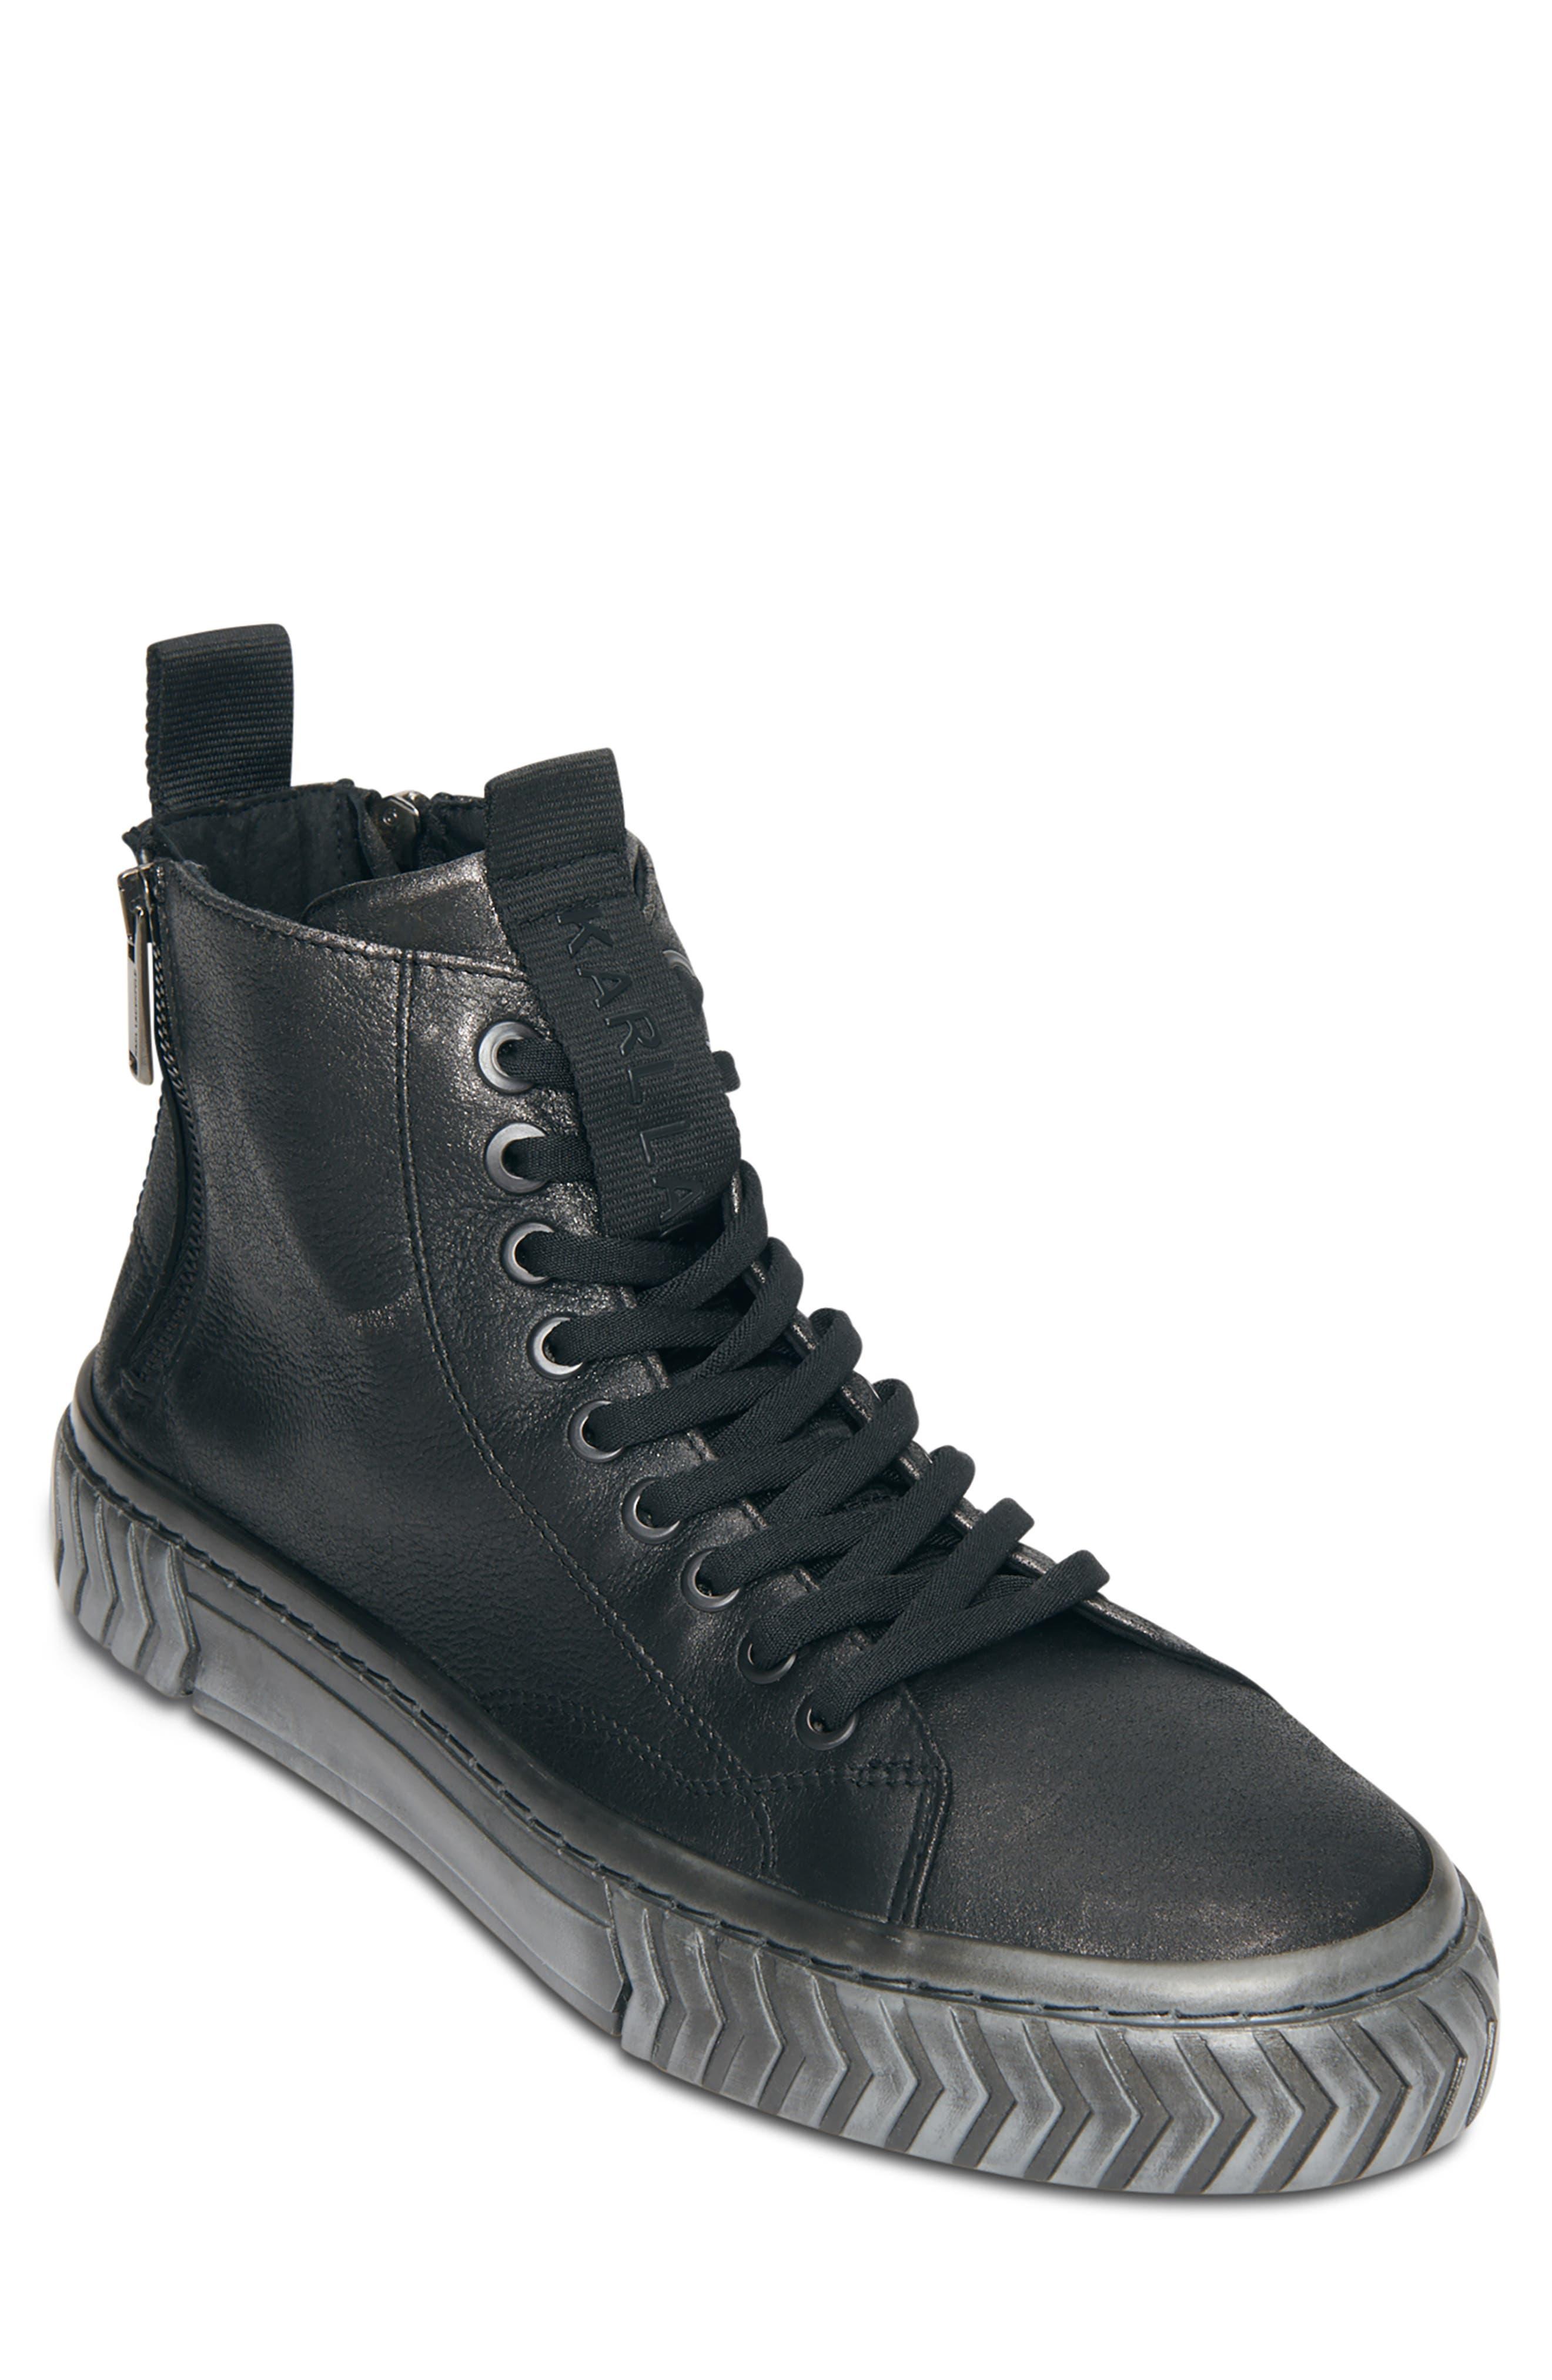 Metallic Leather High Top Sneaker